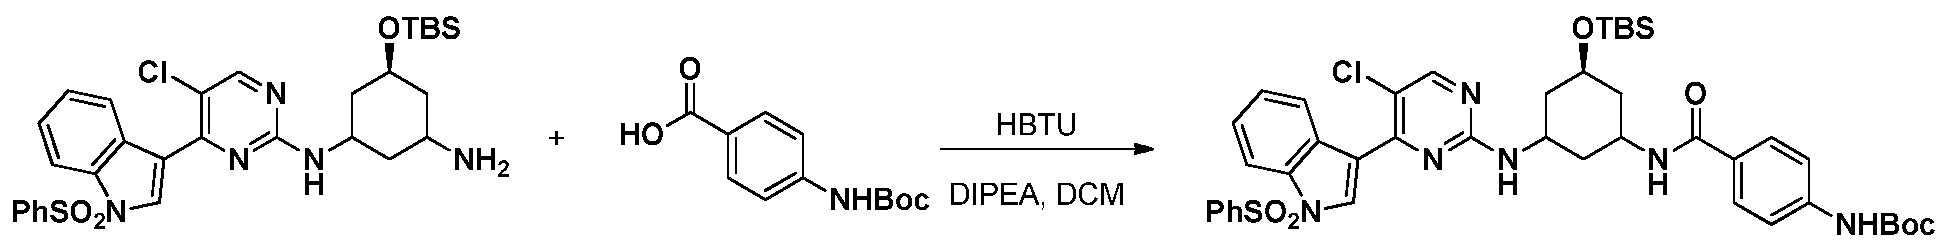 Figure imgf000151_0003